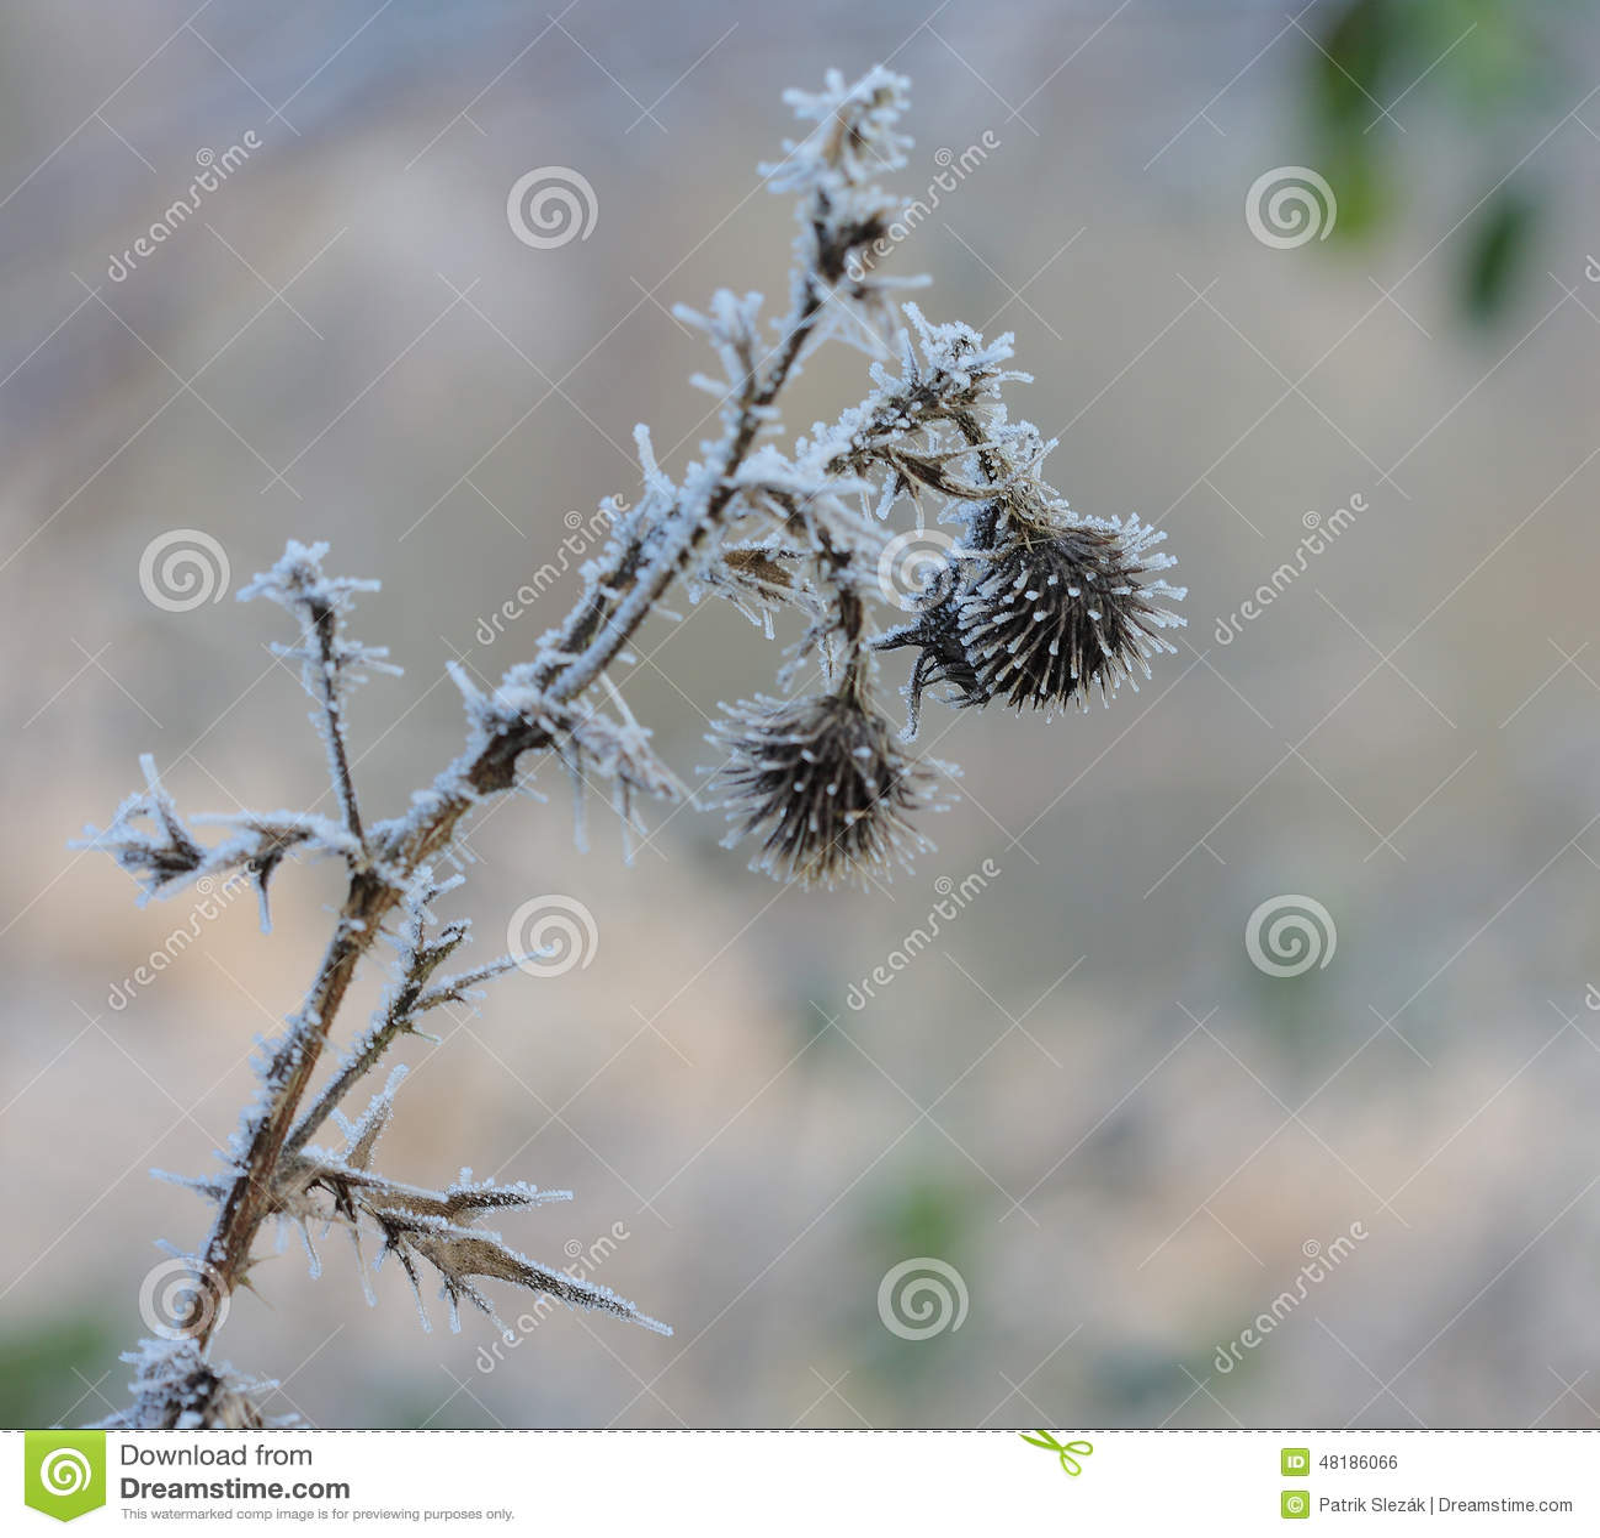 Frozen Flower In December Sun Morning Stock Image